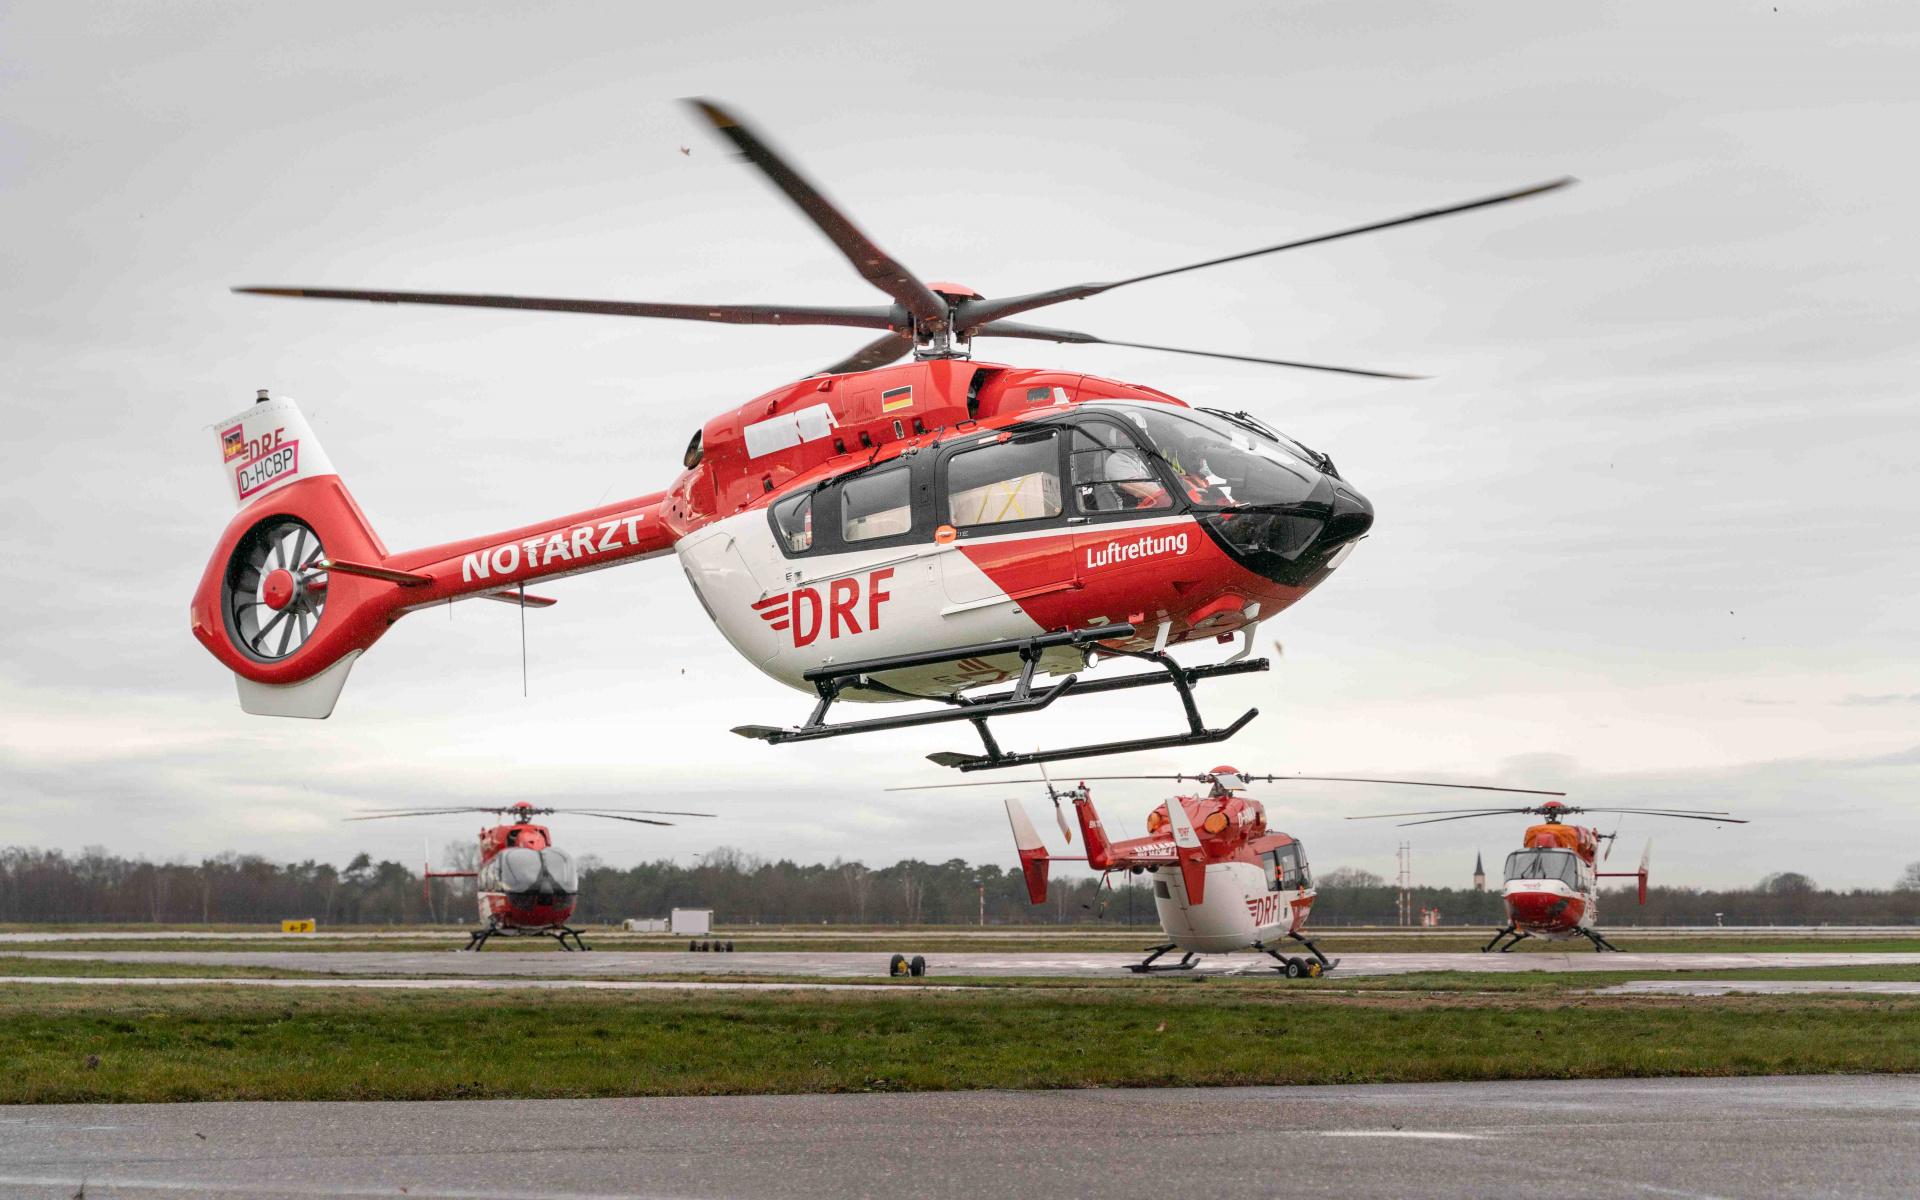 Sozusagen als vorgezogenes Weihnachtsgeschenk wurde die hochmodern weiterentwickelte Maschine damit ein Mitglied der rot-weißen Hubschrauberflotte.